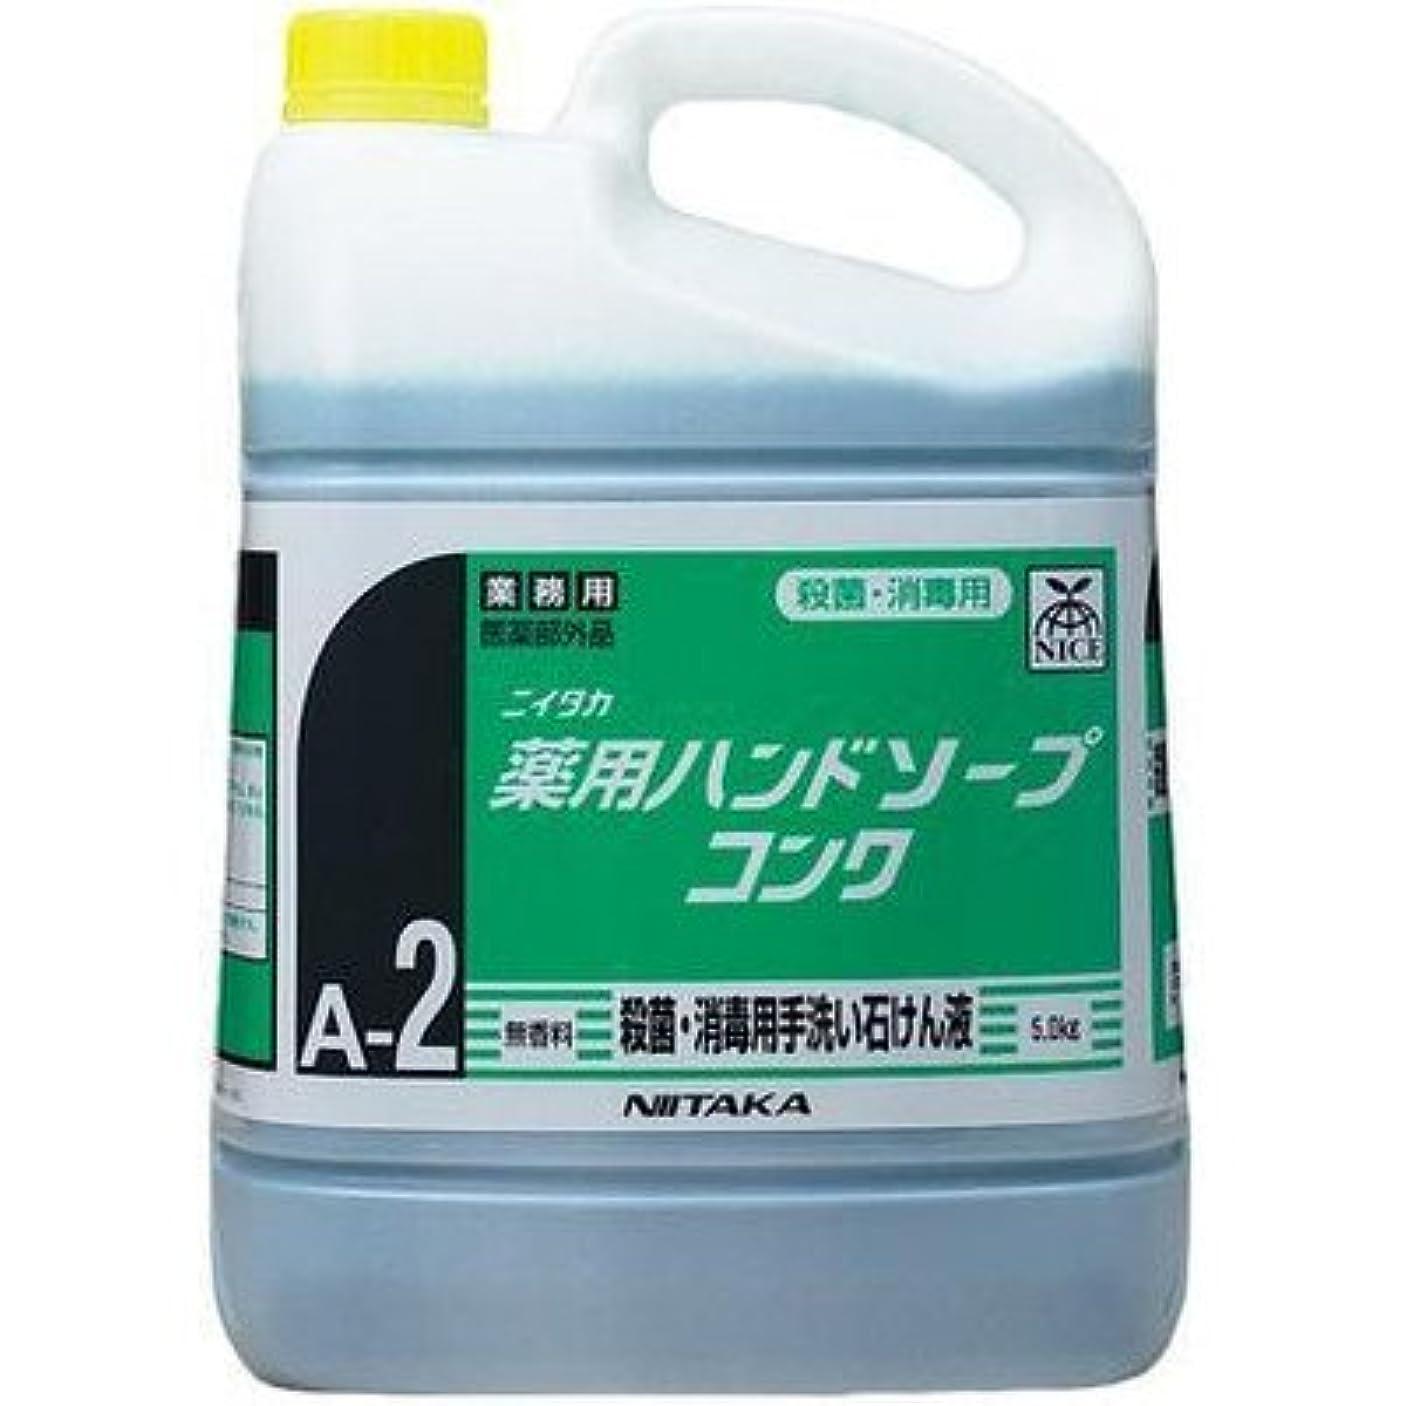 ニイタカ 業務用手洗い石けん液 薬用ハンドソープコンク(A-2) 5kg×3本